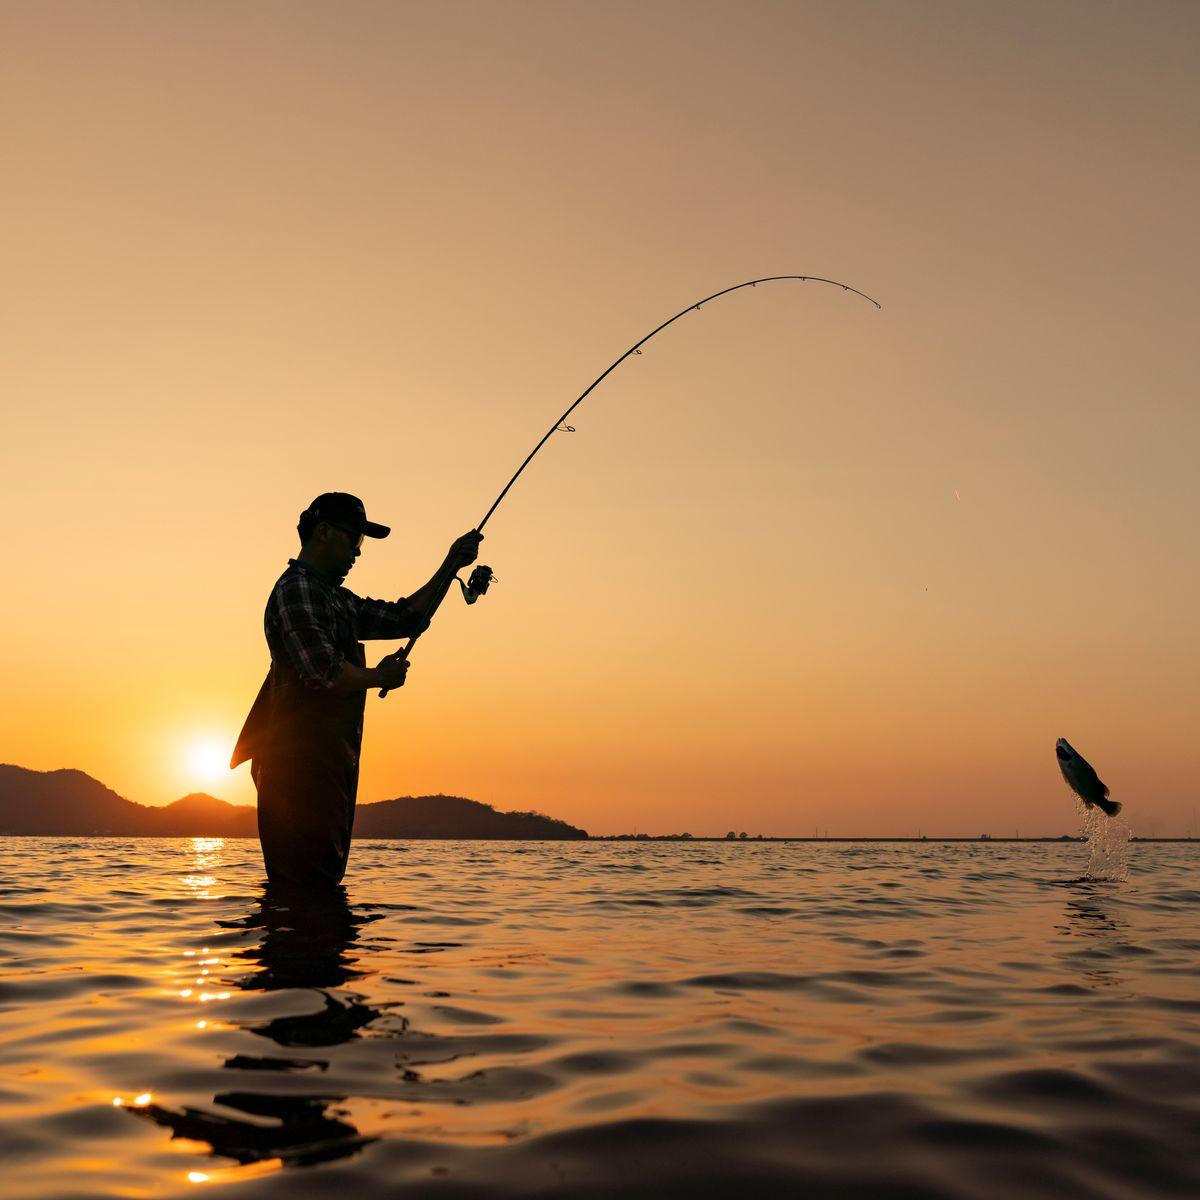 مهمترین مناطق صید ماهی